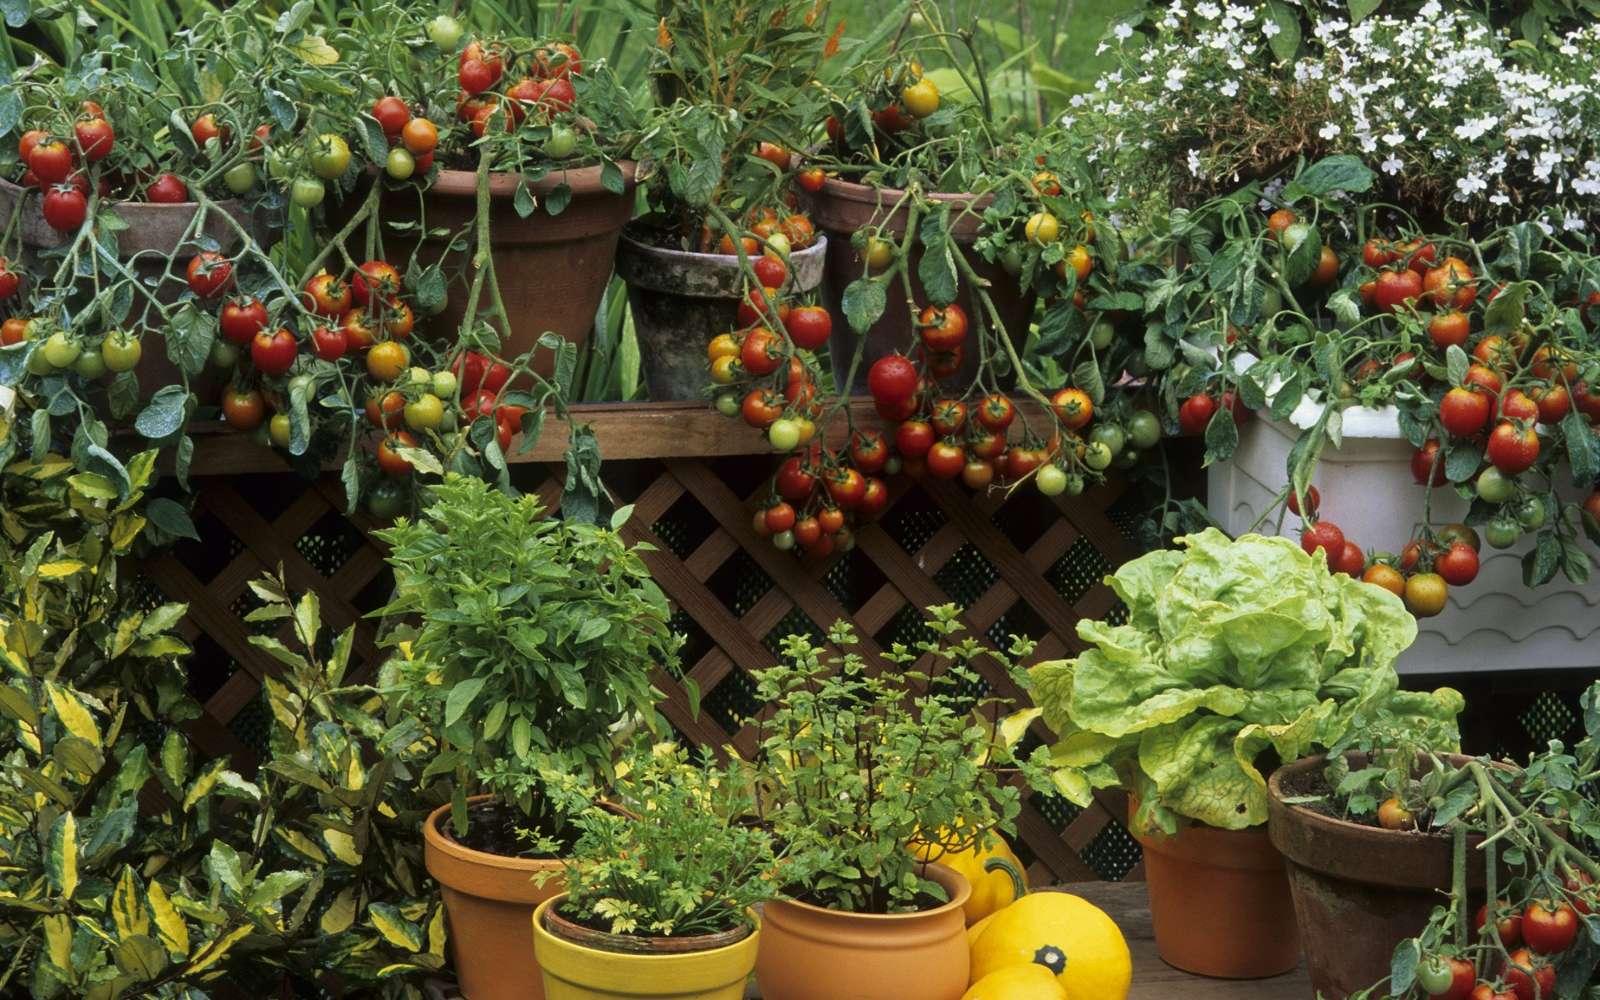 Le bonheur de cultiver des légumes et aromatiques sur un balcon. © PIXATERRA, Adobe Stock